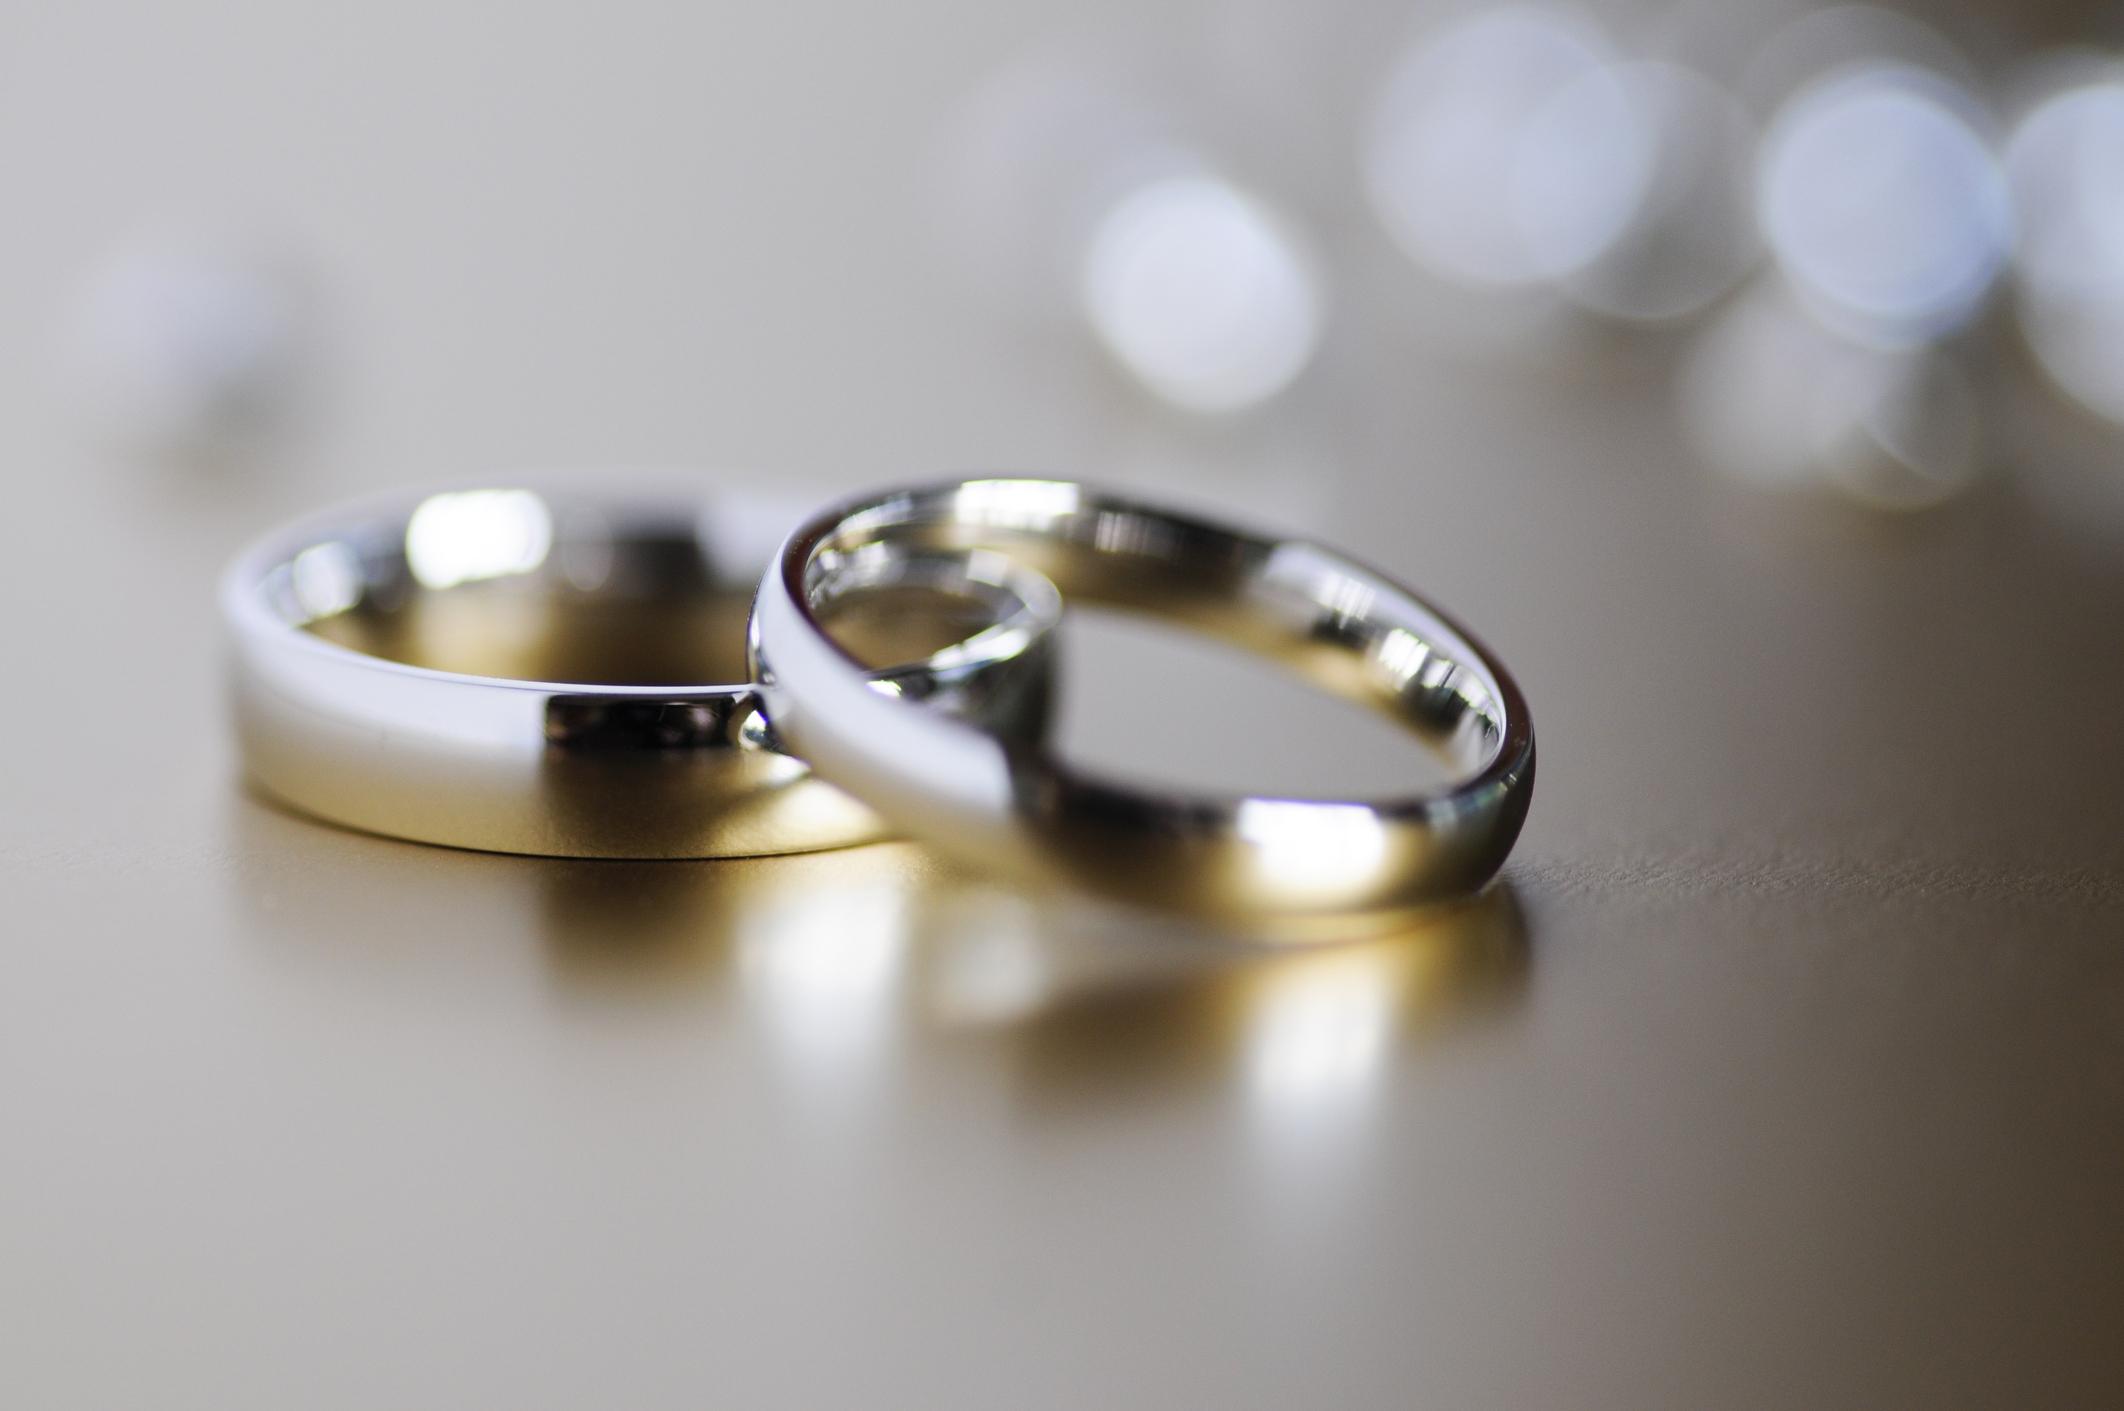 Getting married in Spain